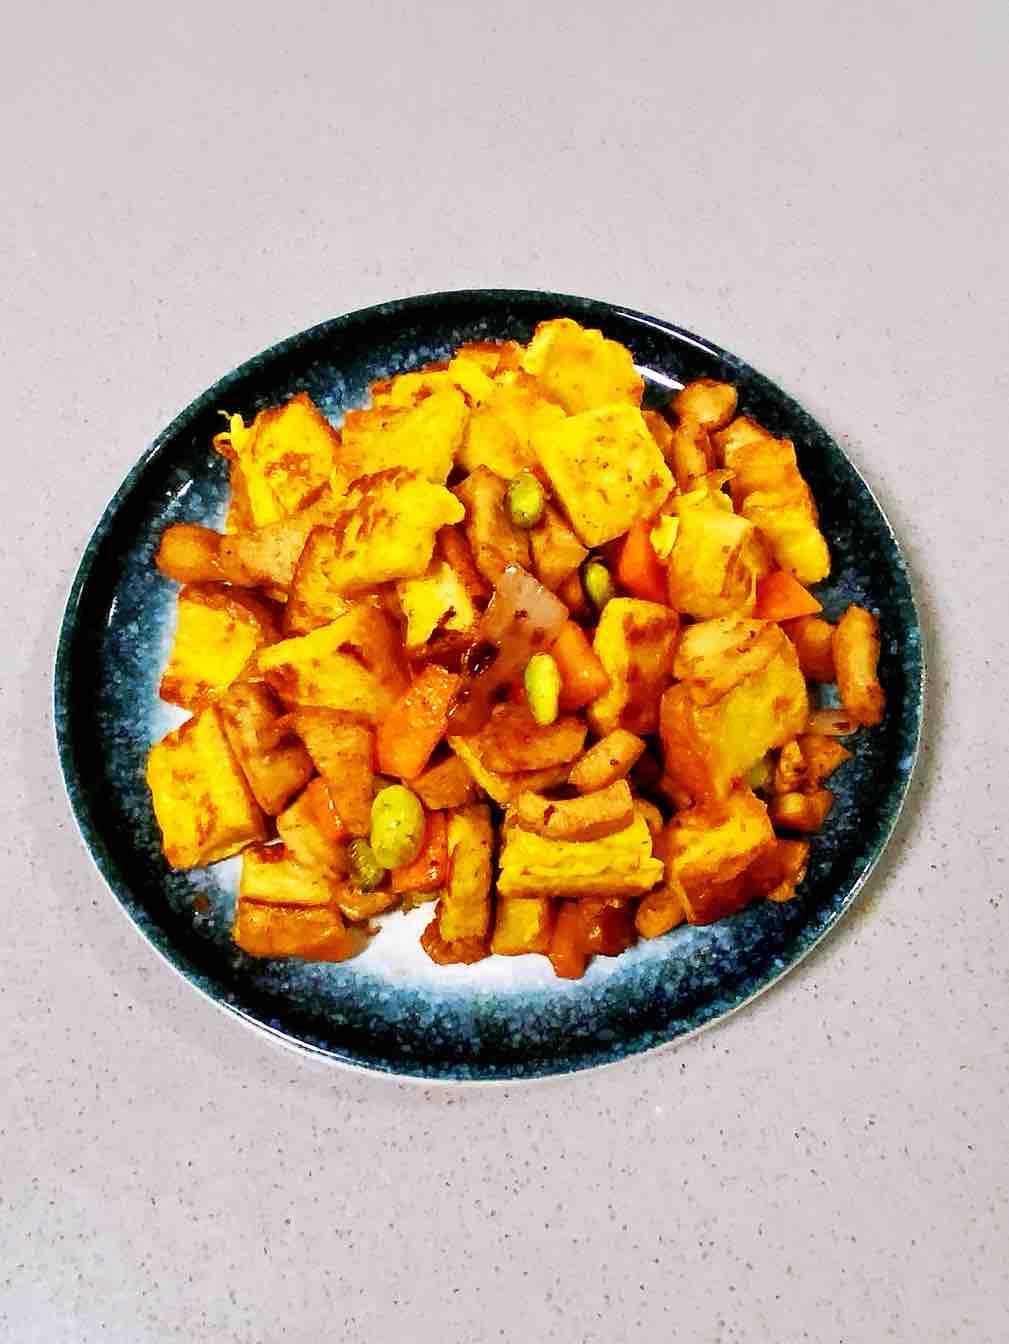 【孕妇食谱】孜然鸡胸吐司丁,浓郁的烧烤香,色泽金黄,好吃到停不下来~